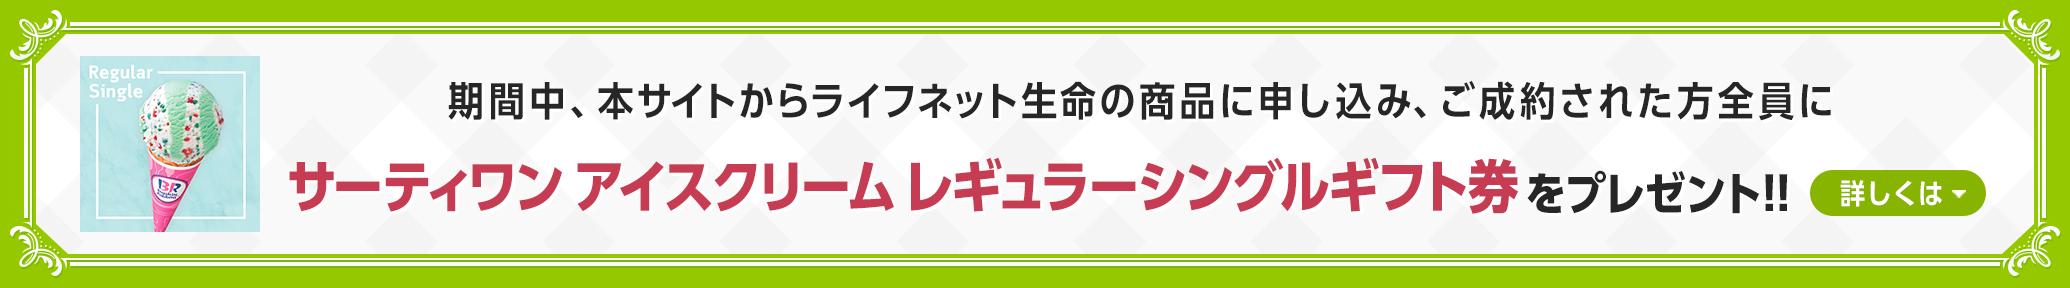 本サイトからライフネット生命の商品に申し込み、ご成約された方全員にサーティワン アイスクリーム レギュラーシングルギフト券をプレゼント!!